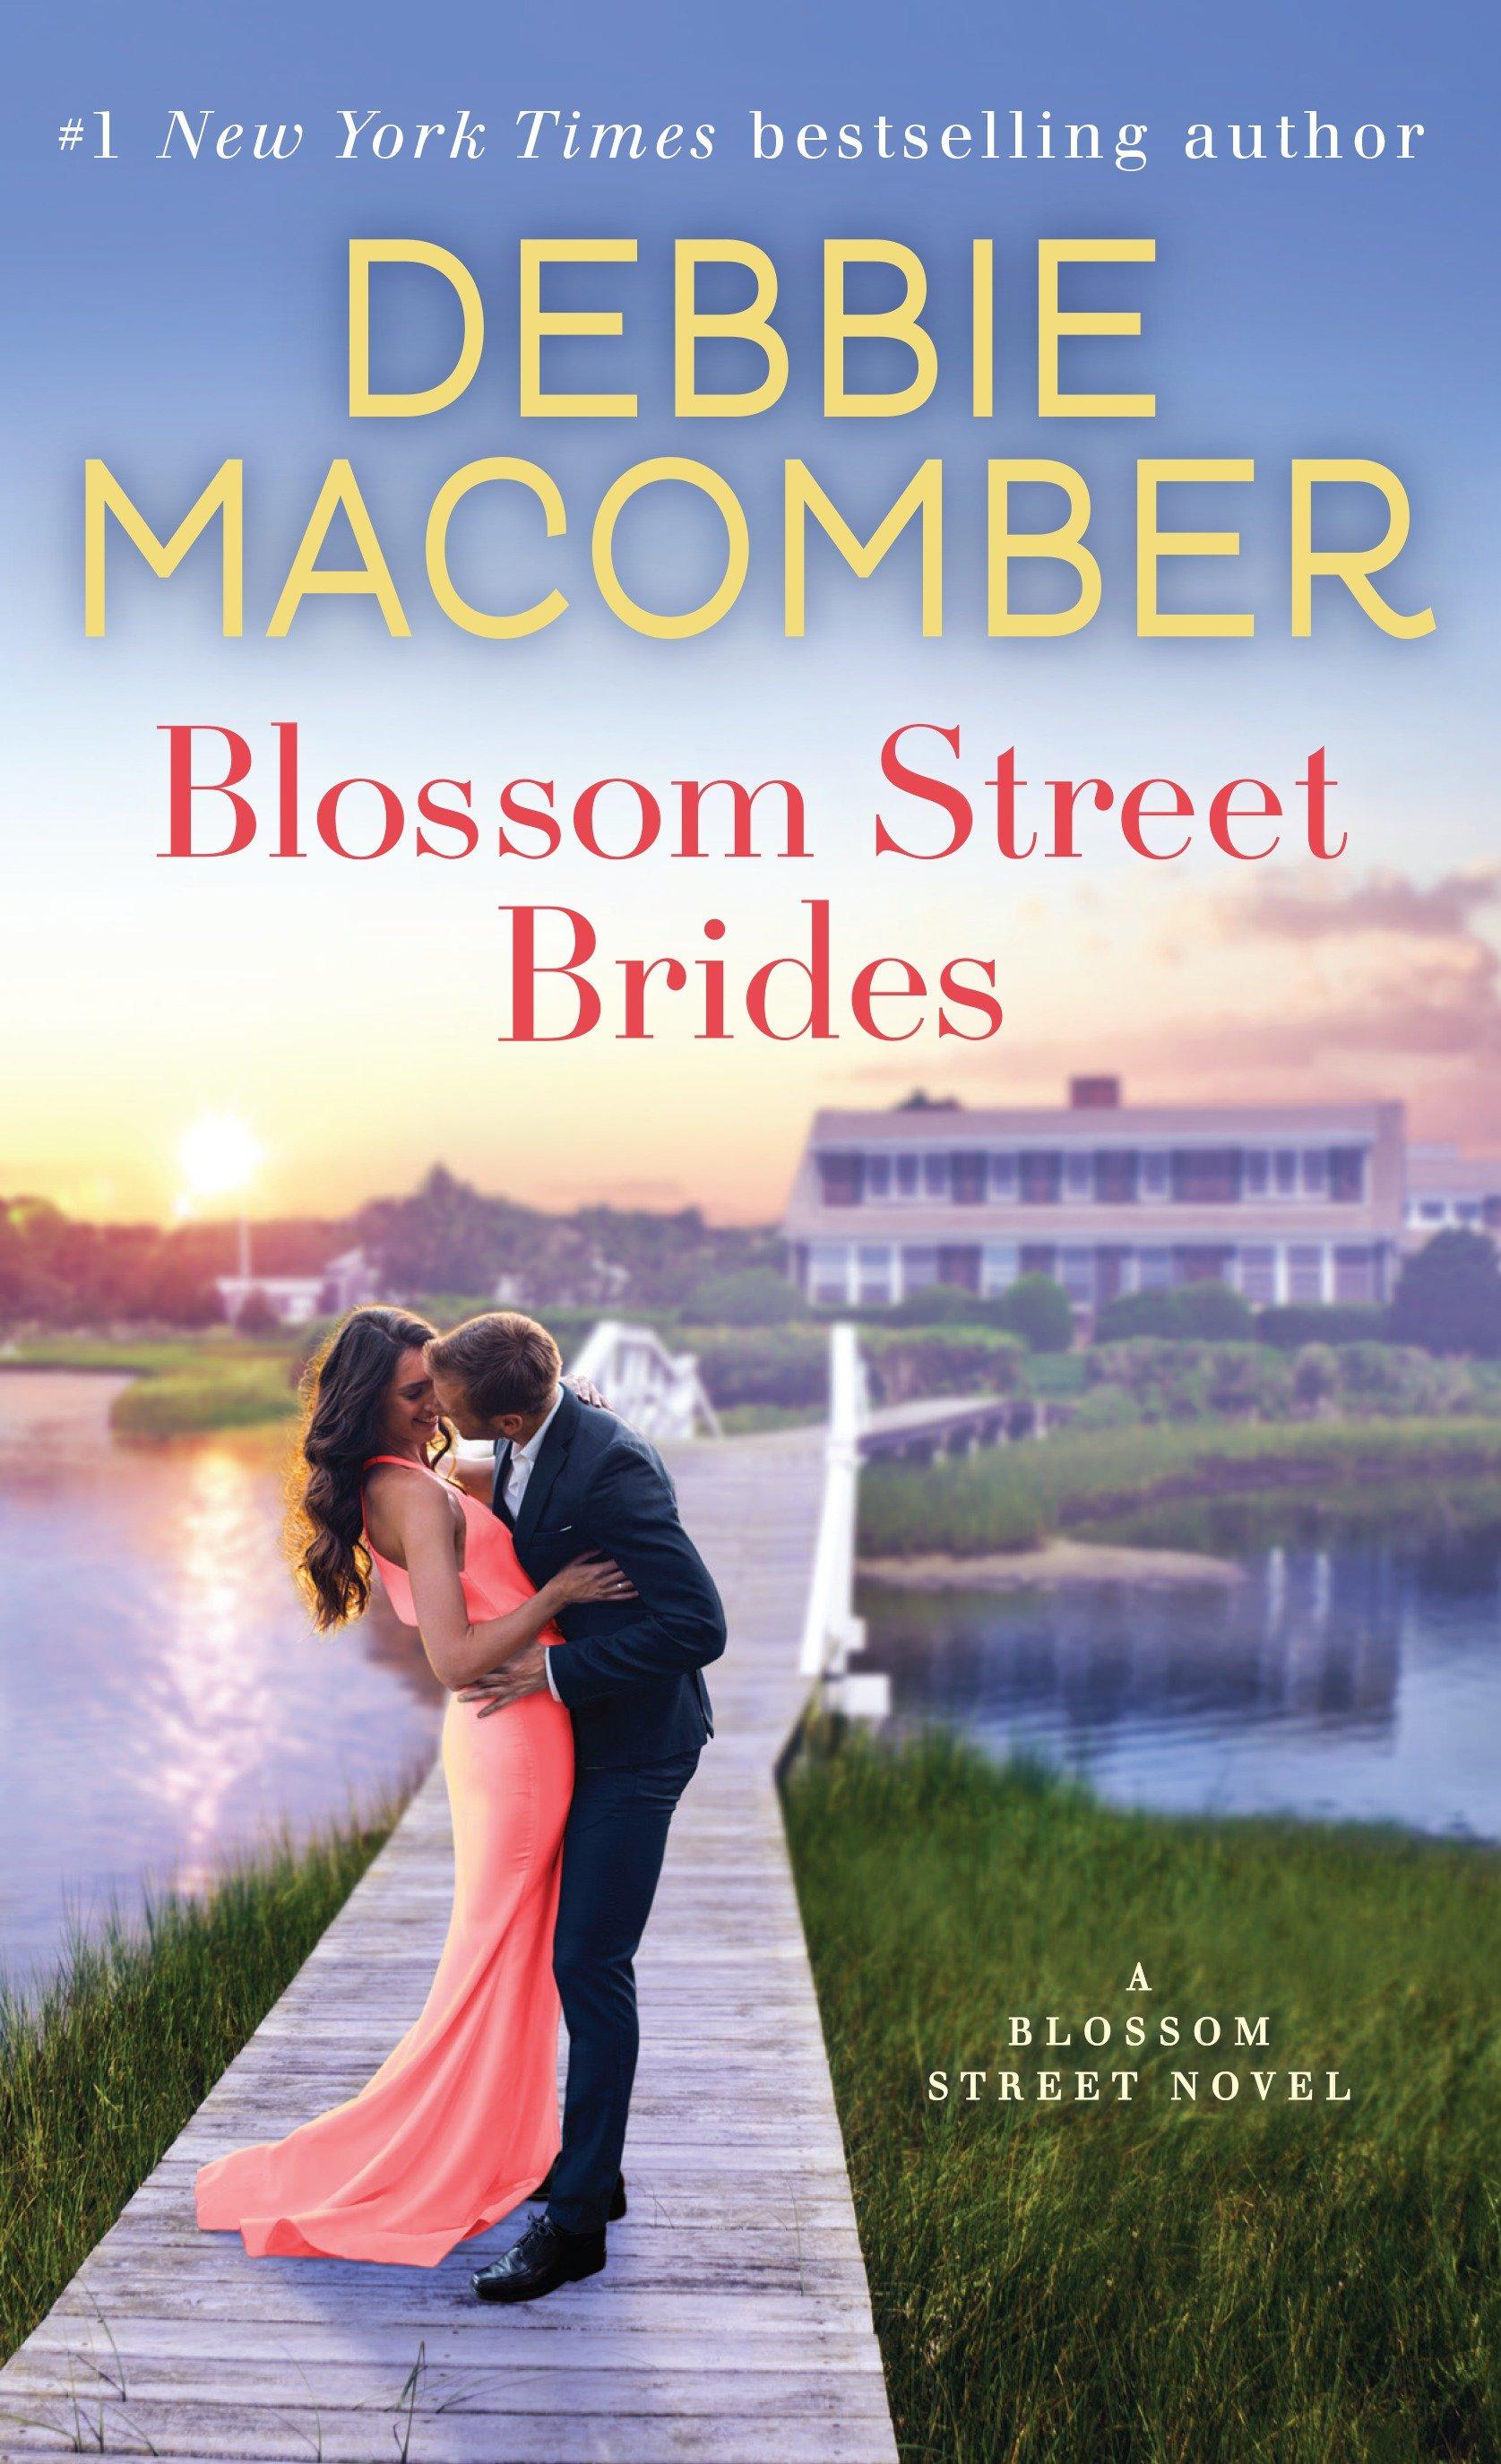 Blossom Street brides a Blossom Street novel cover image